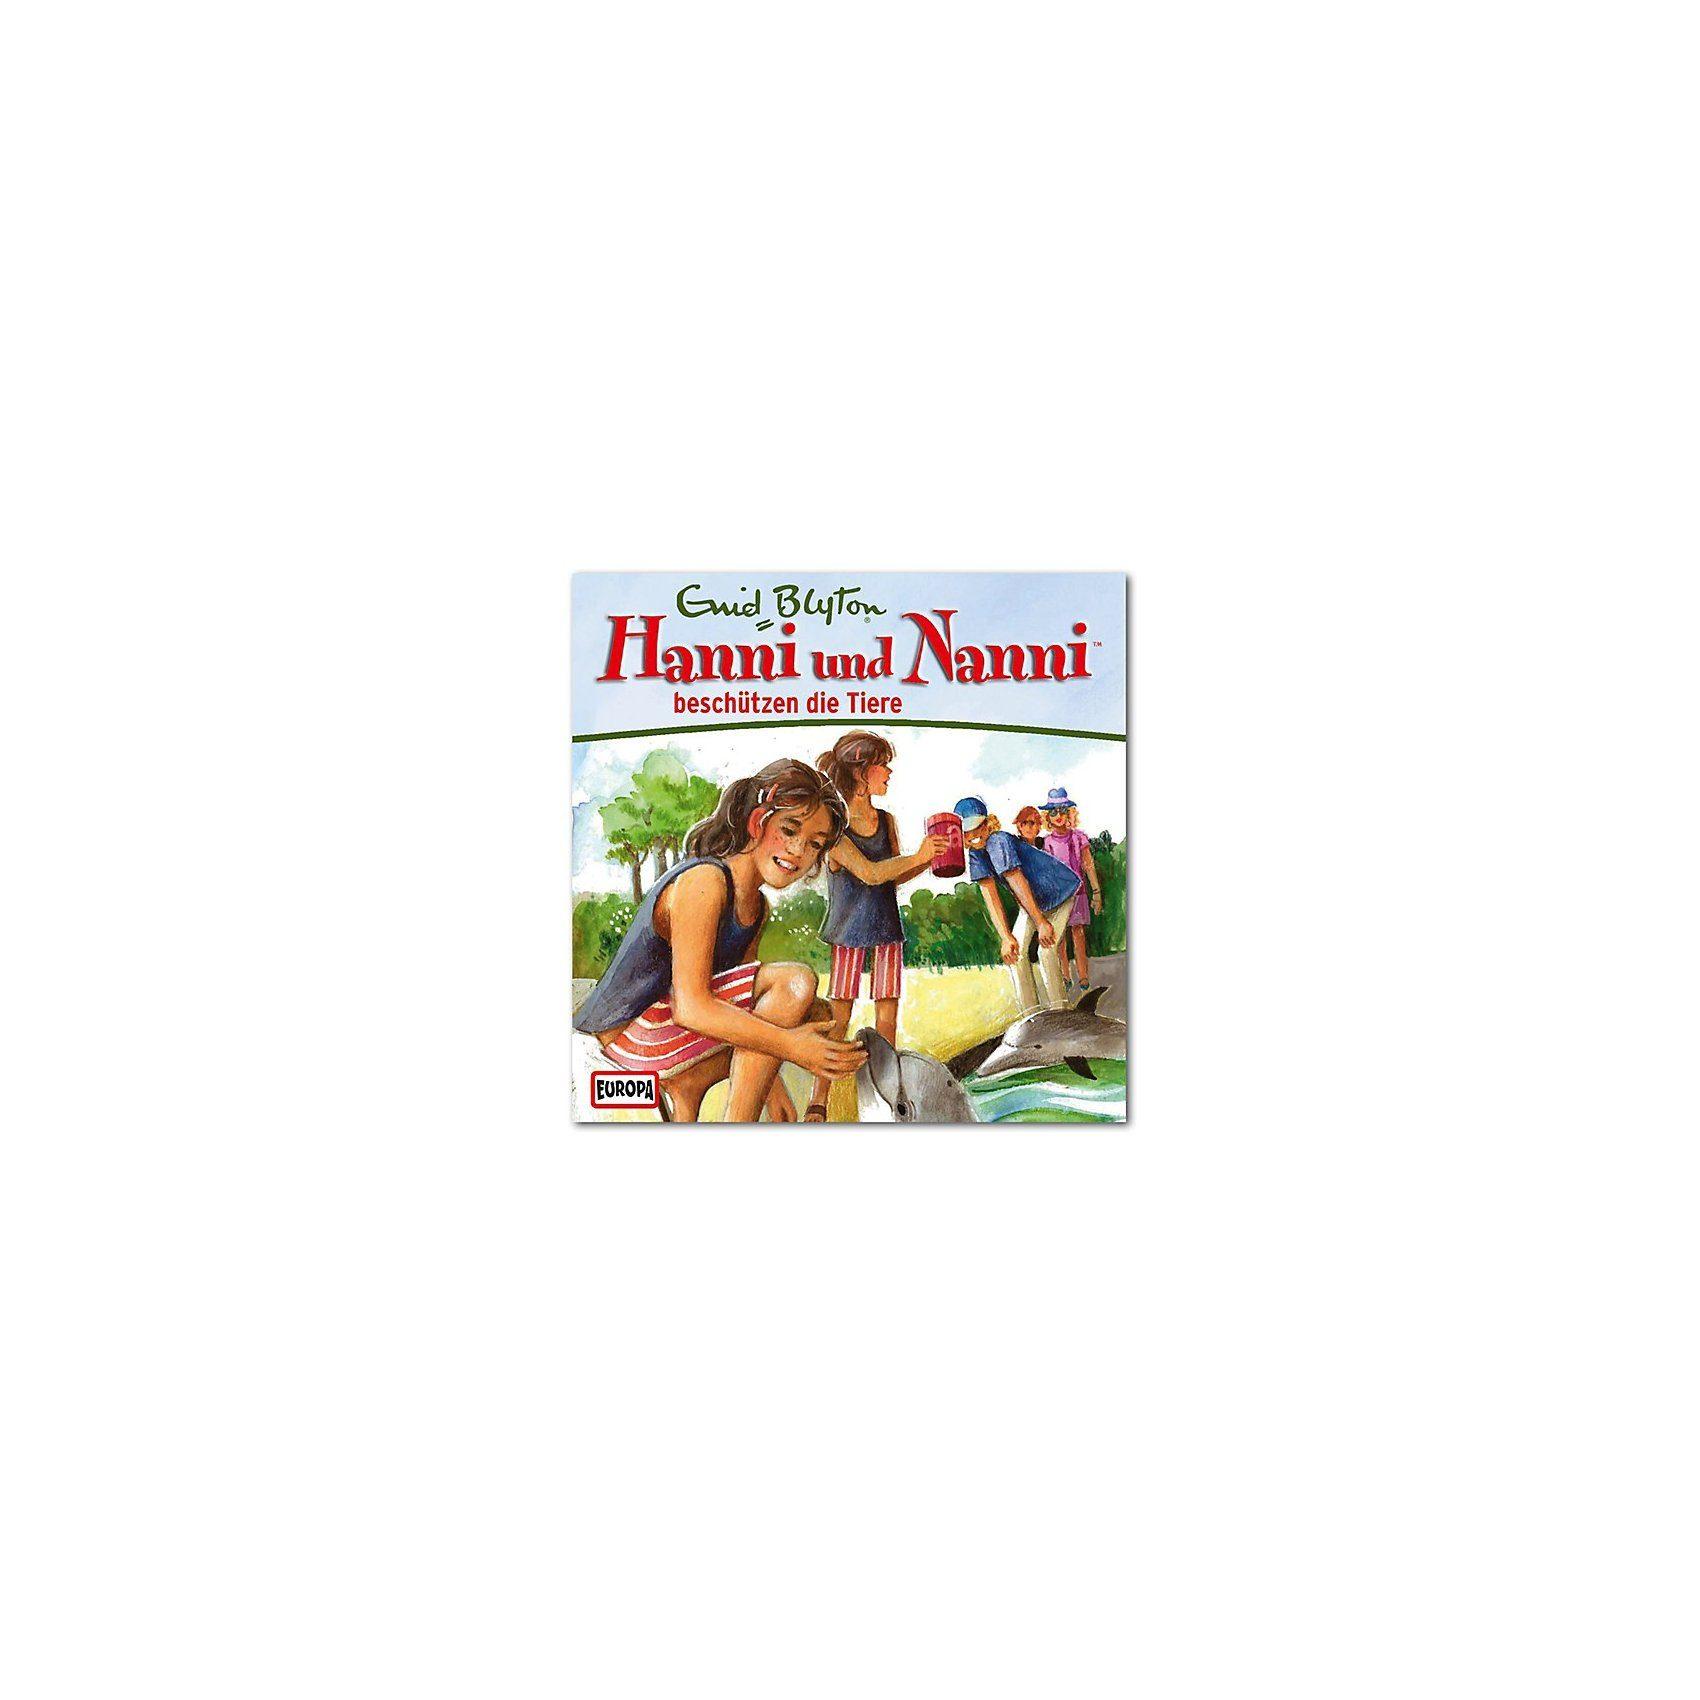 SONY BMG MUSIC CD Hanni & Nanni 36 - beschützen die Tiere